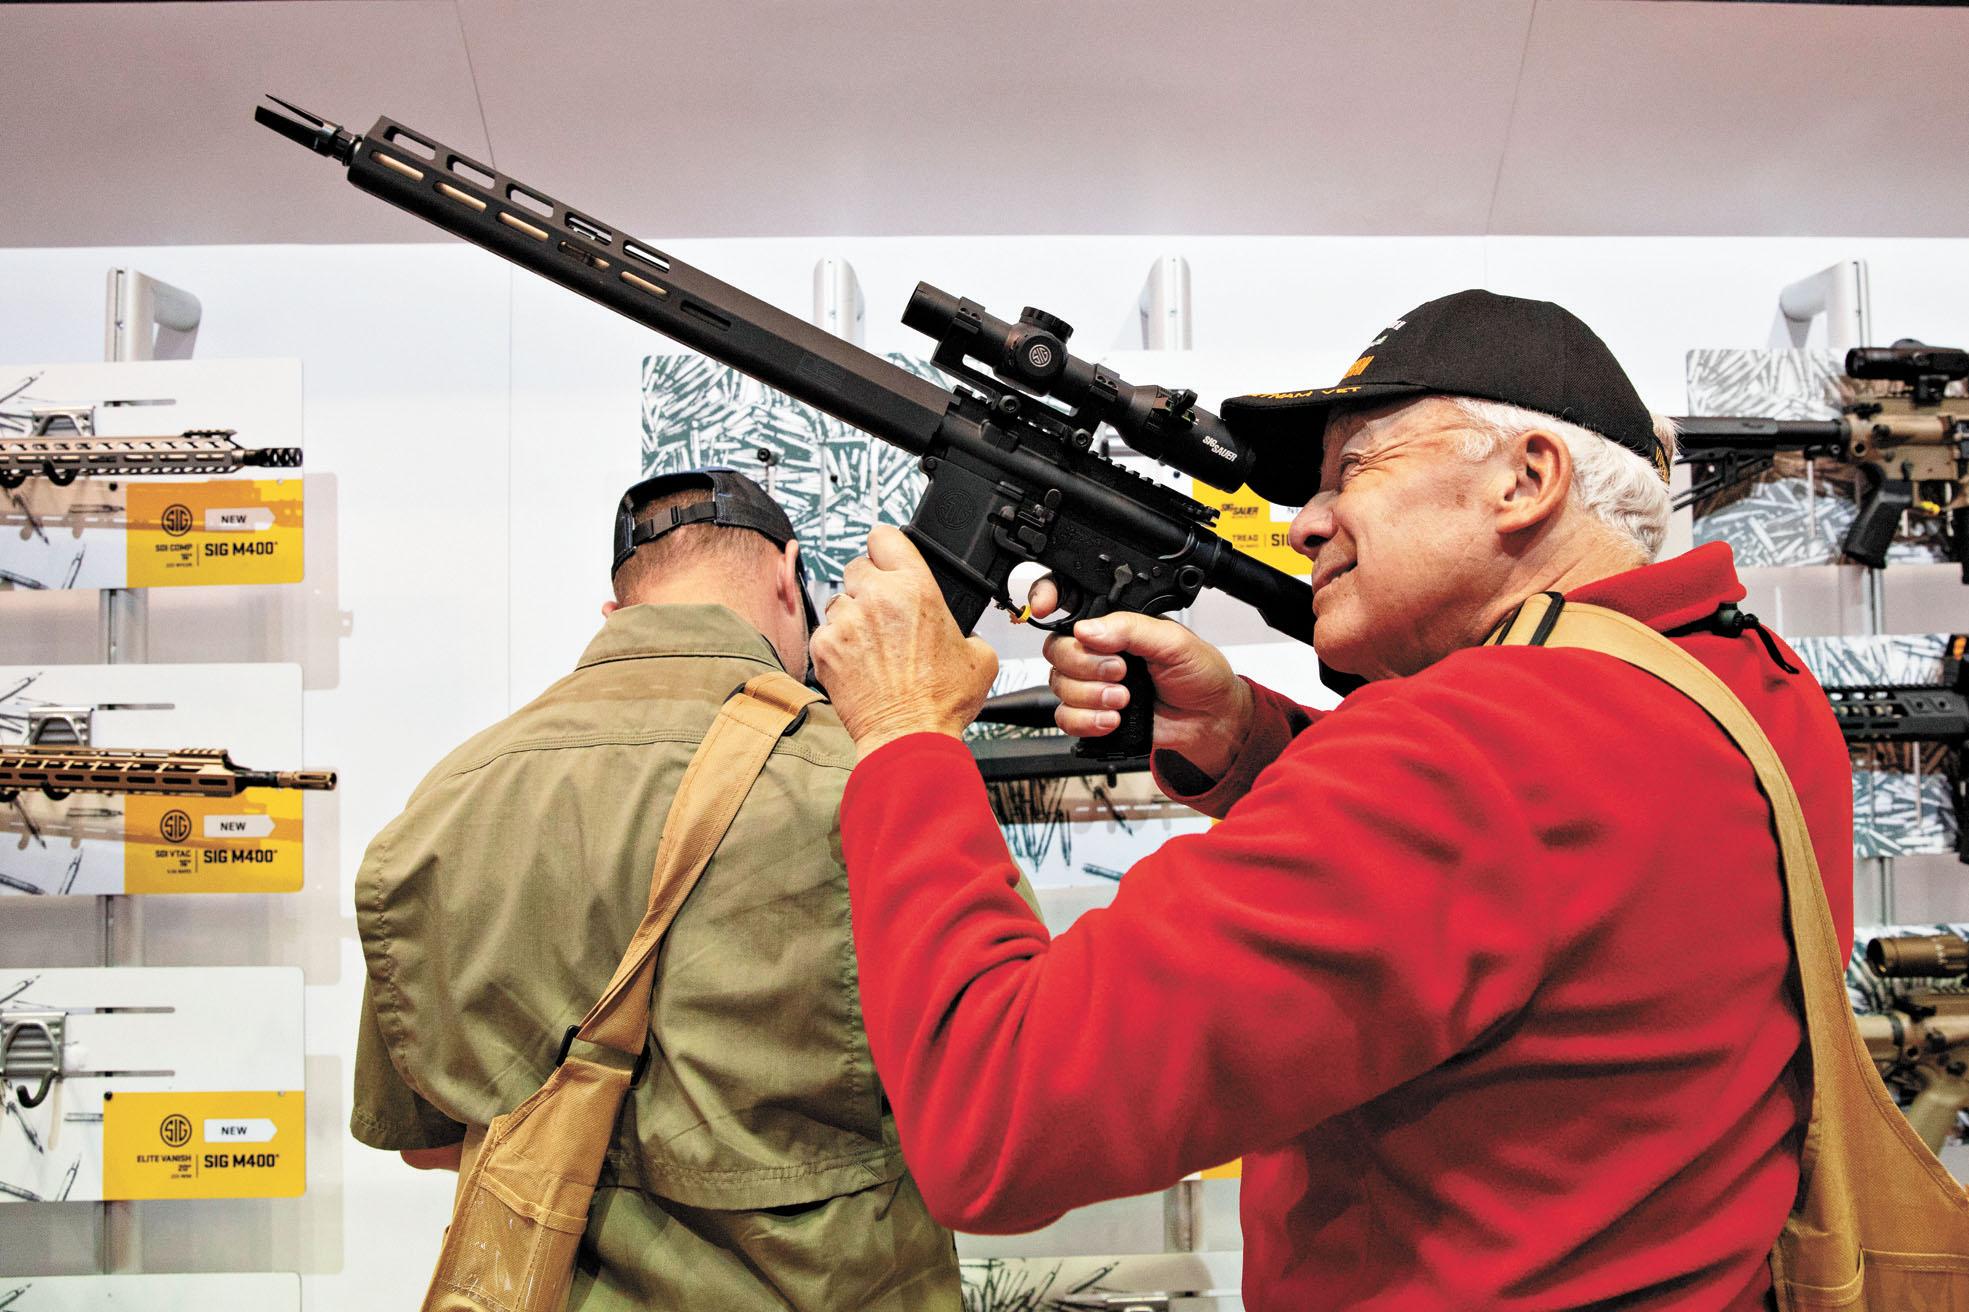 在美國,民眾可以輕易購買槍械,圖為民眾在美國步槍協會2019年槍展上試槍。資料圖片